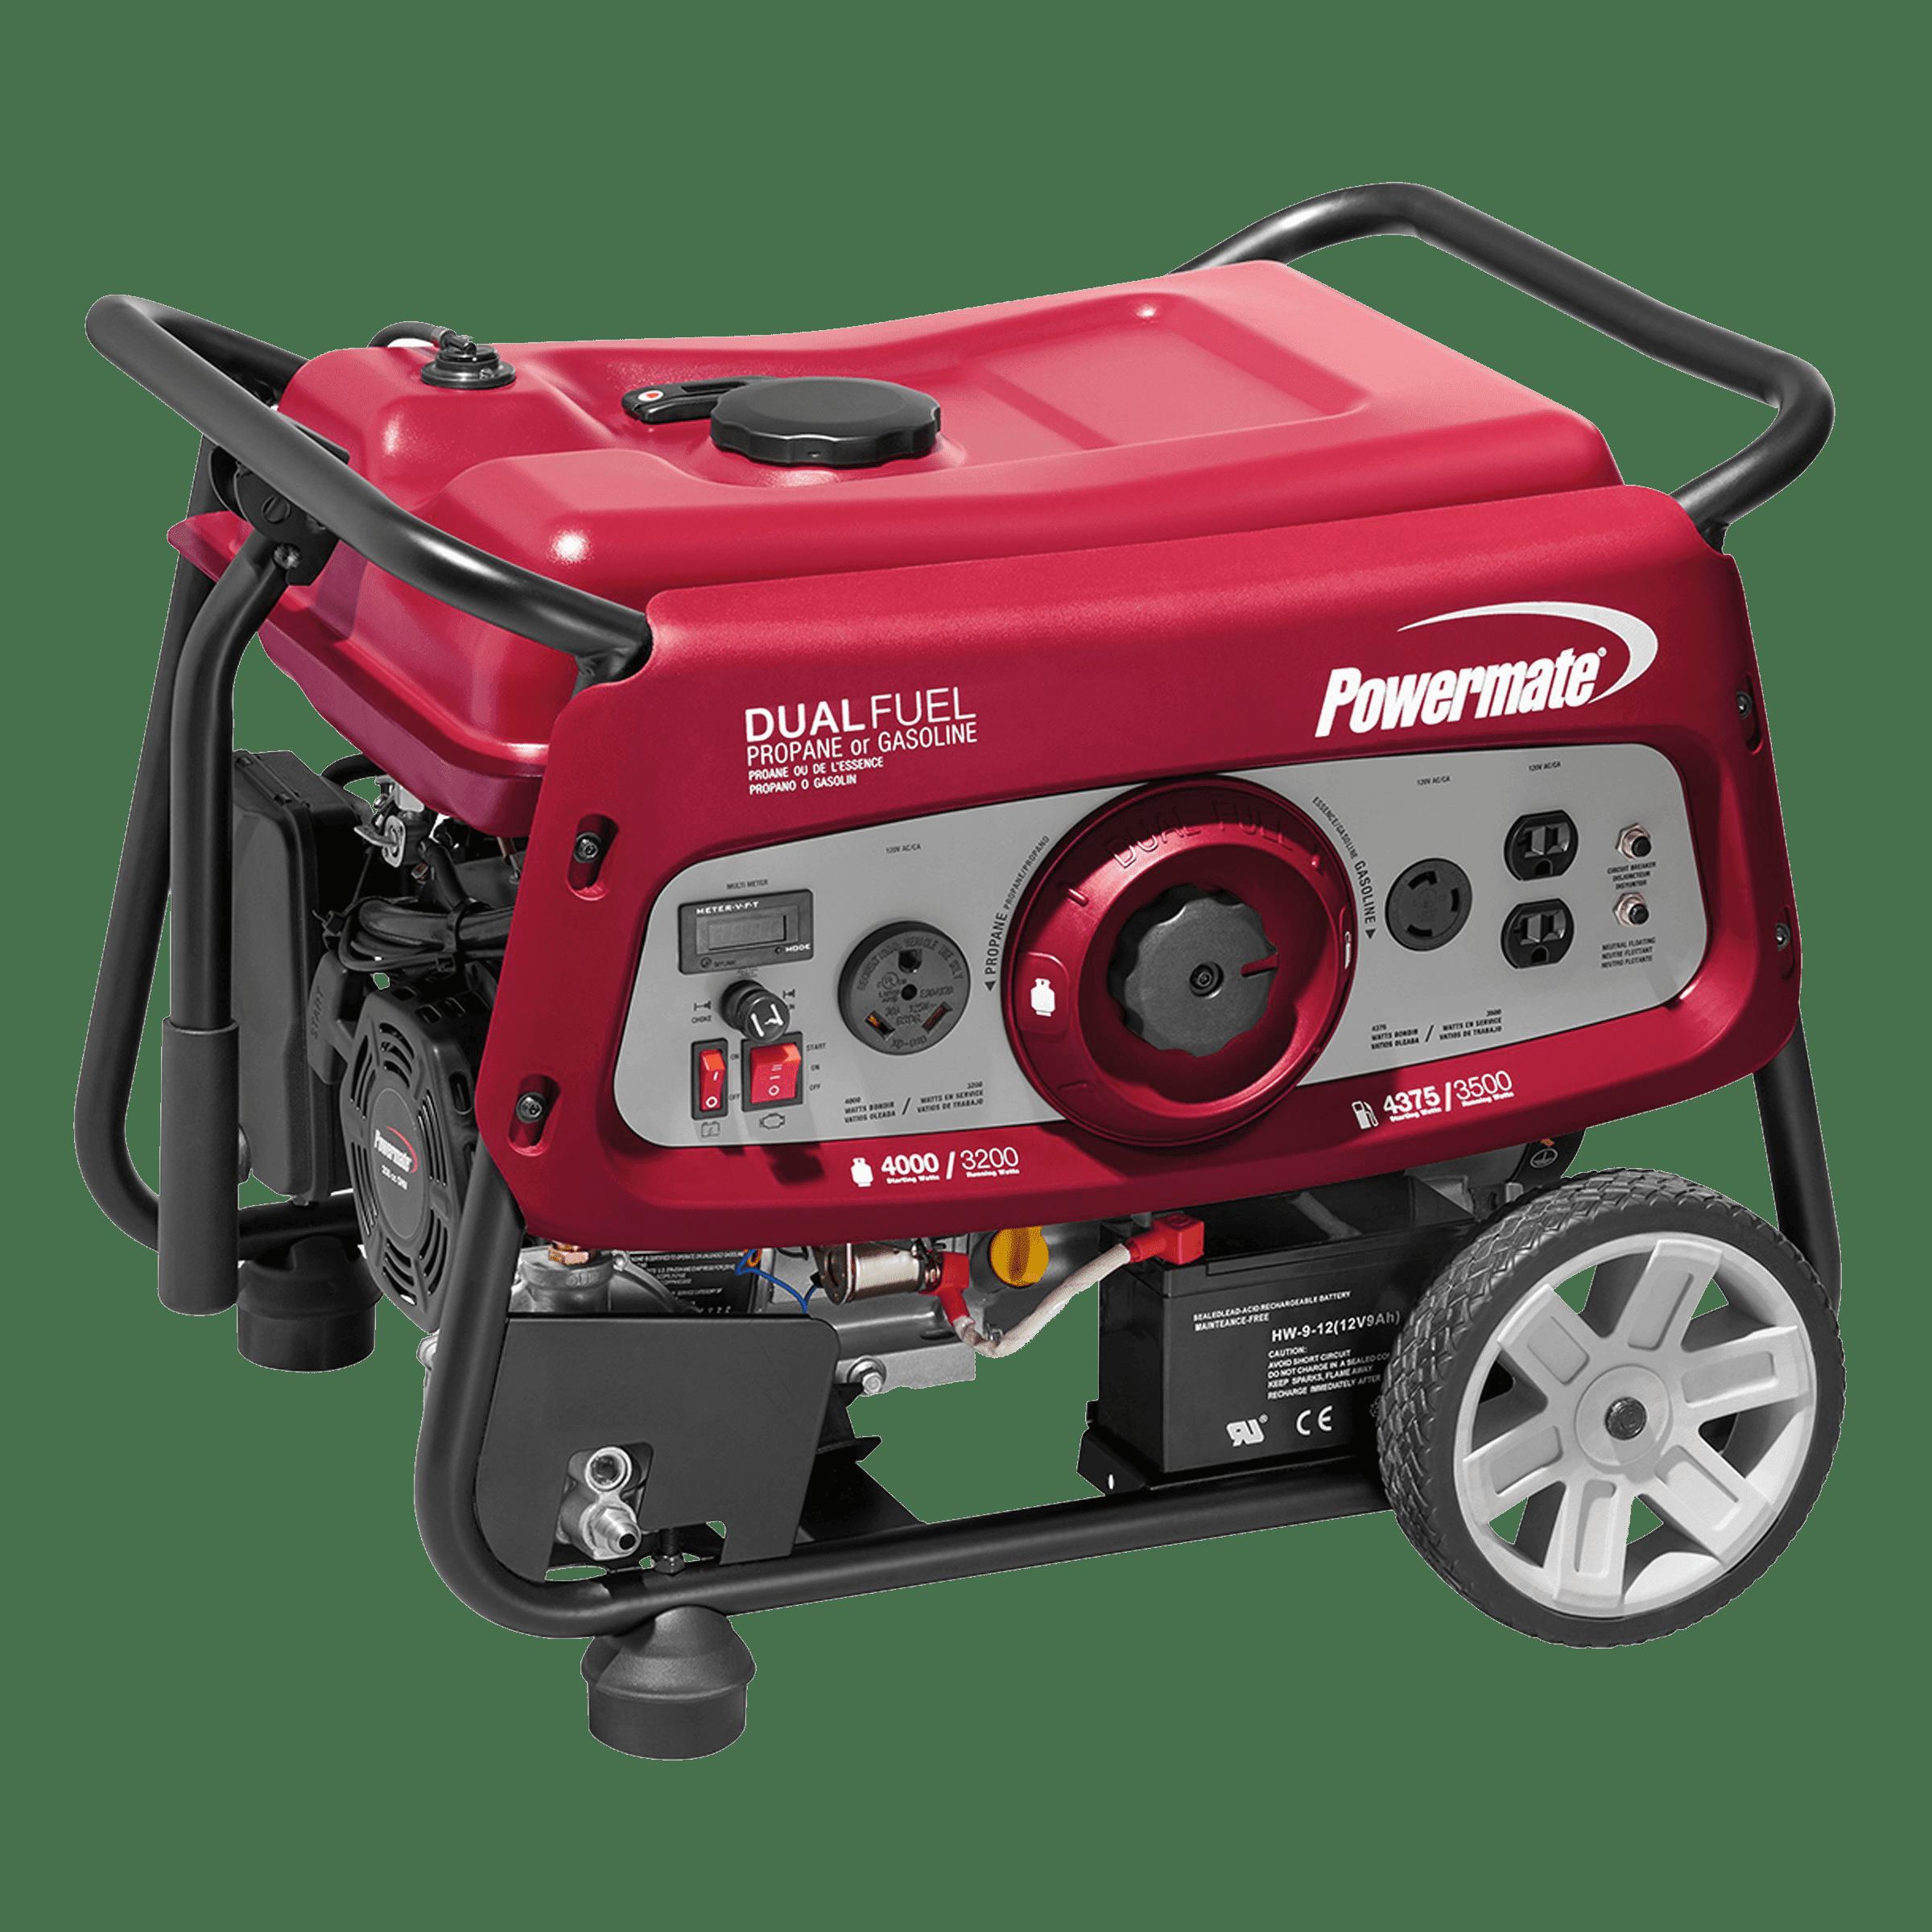 Powermate Dual Fuel 3500 Portable Generator